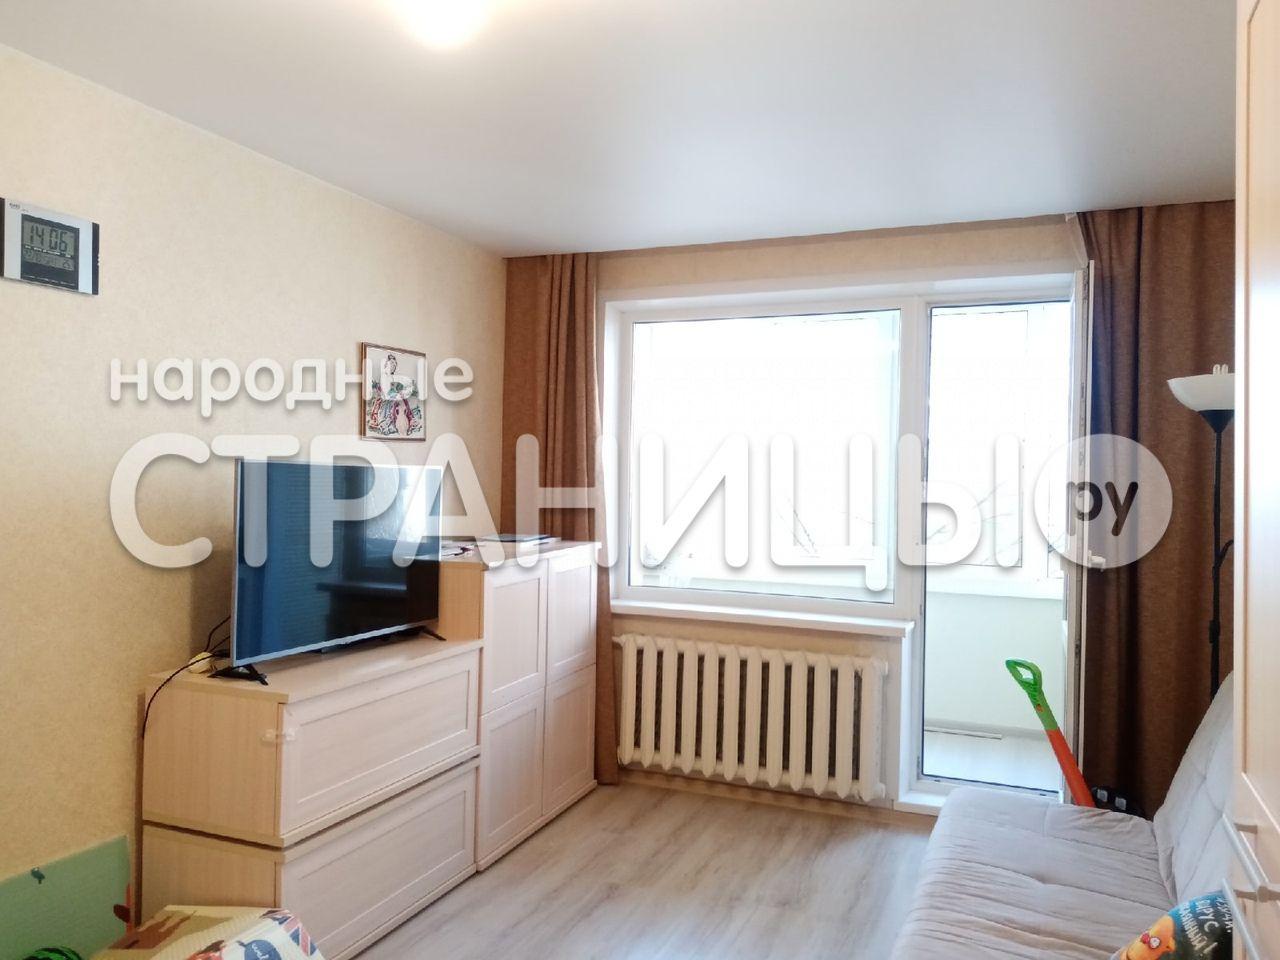 1-комнатная квартира, 32.5 м²,  4/9 эт. Панельный дом, Вторичное жилье